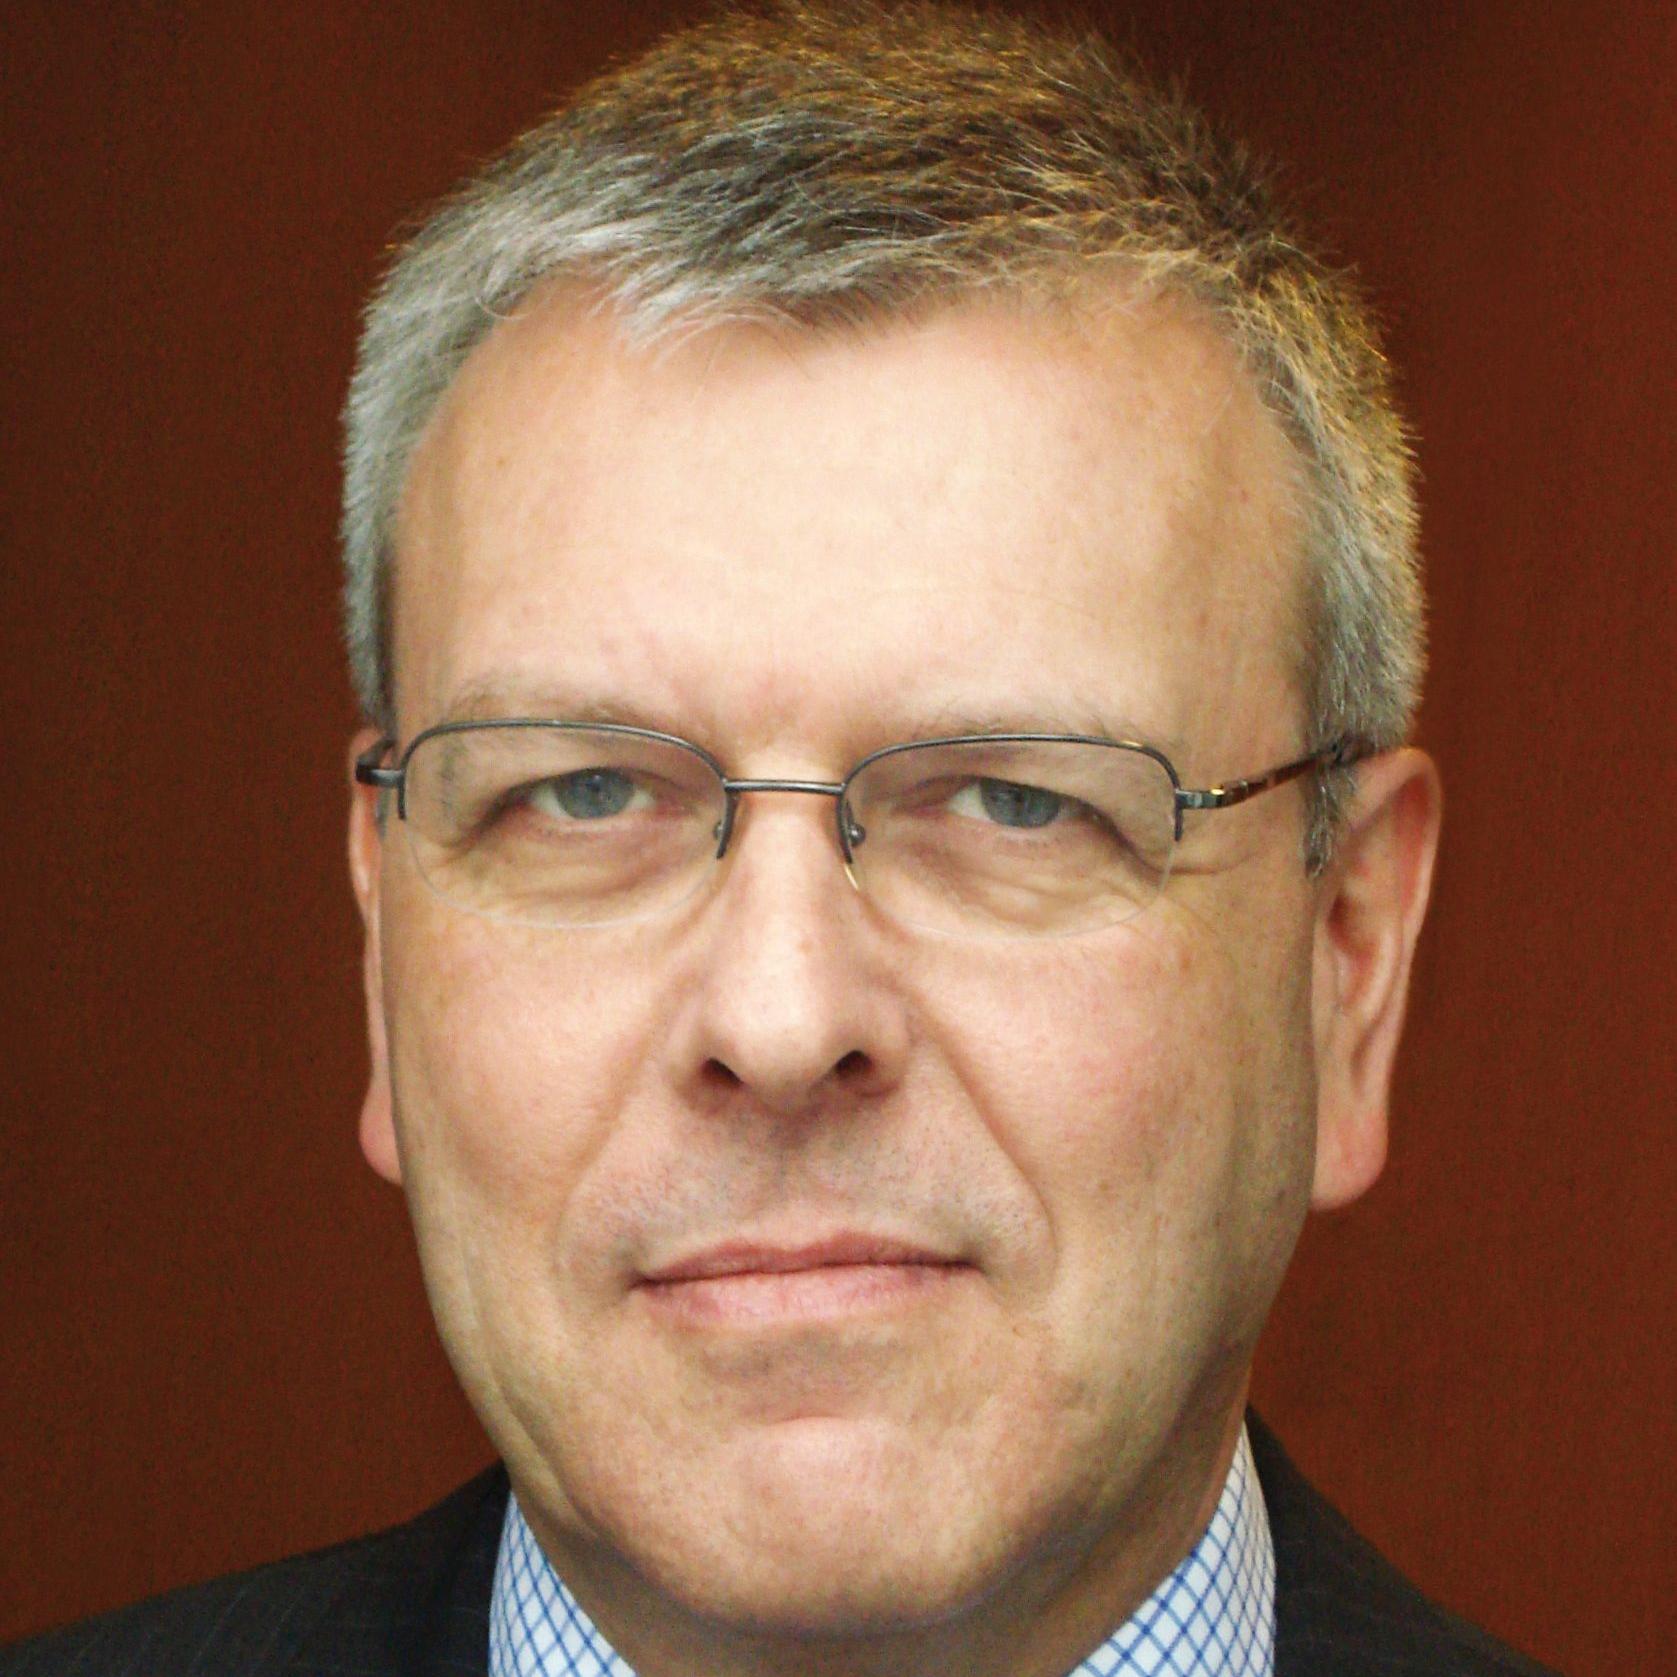 Paul Heijkoop